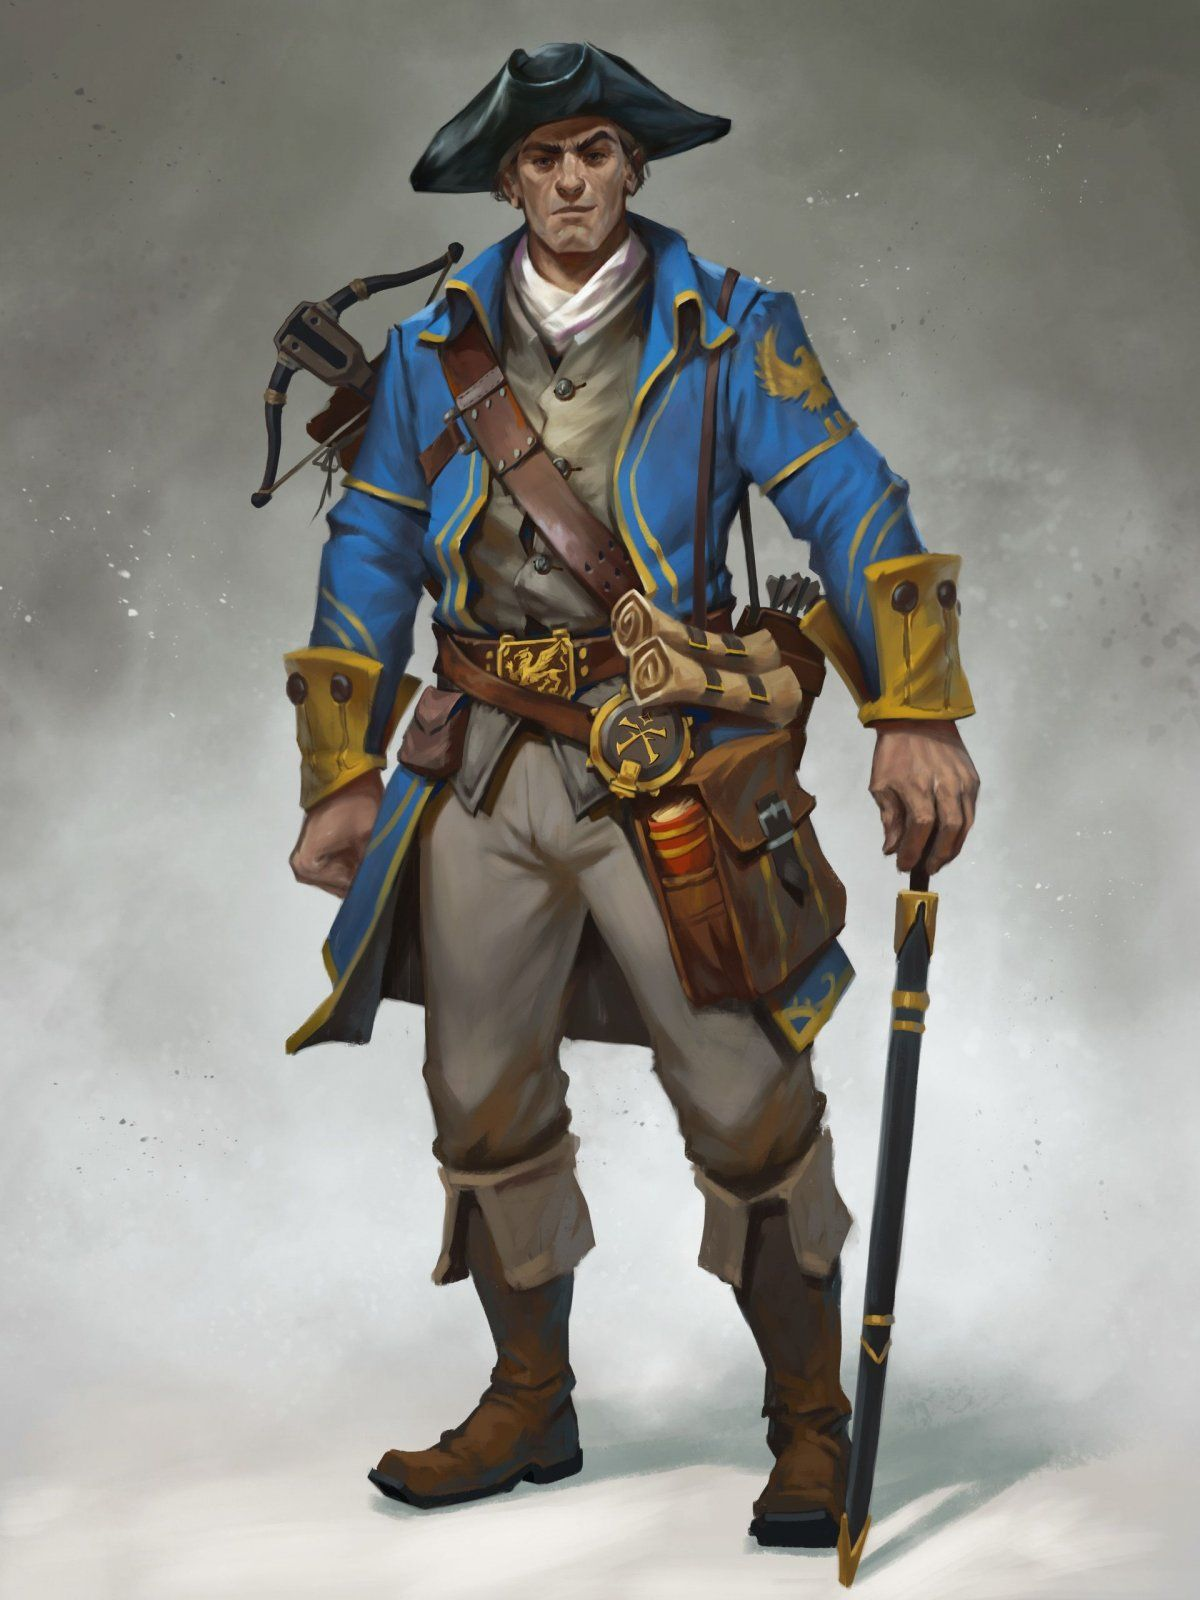 Пират (47 фото) | Пираты, Пираты арт, Рисунки с персонажами